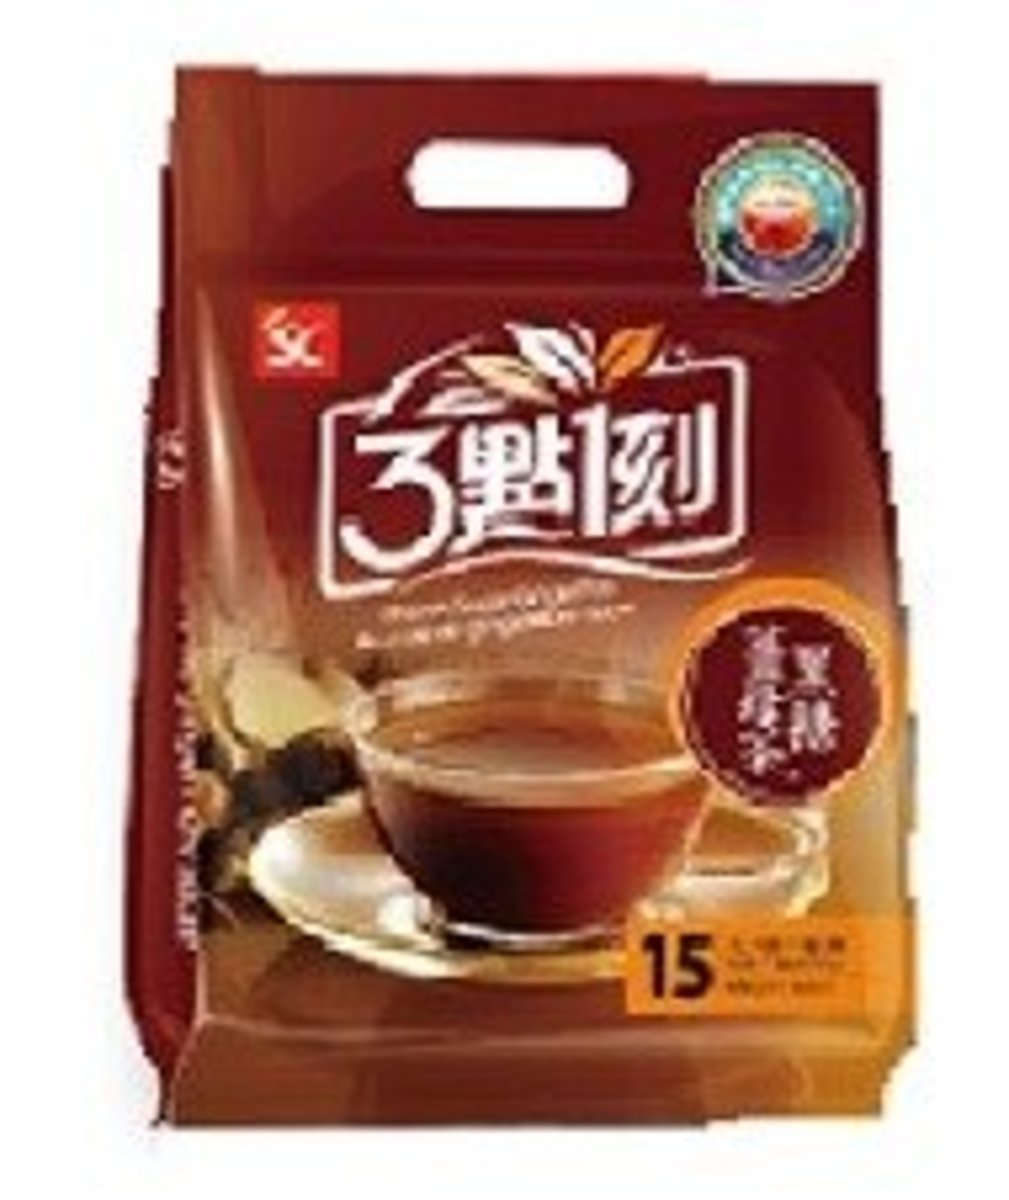 3點1刻黑糖薑母茶 (20g x 15 sachets)